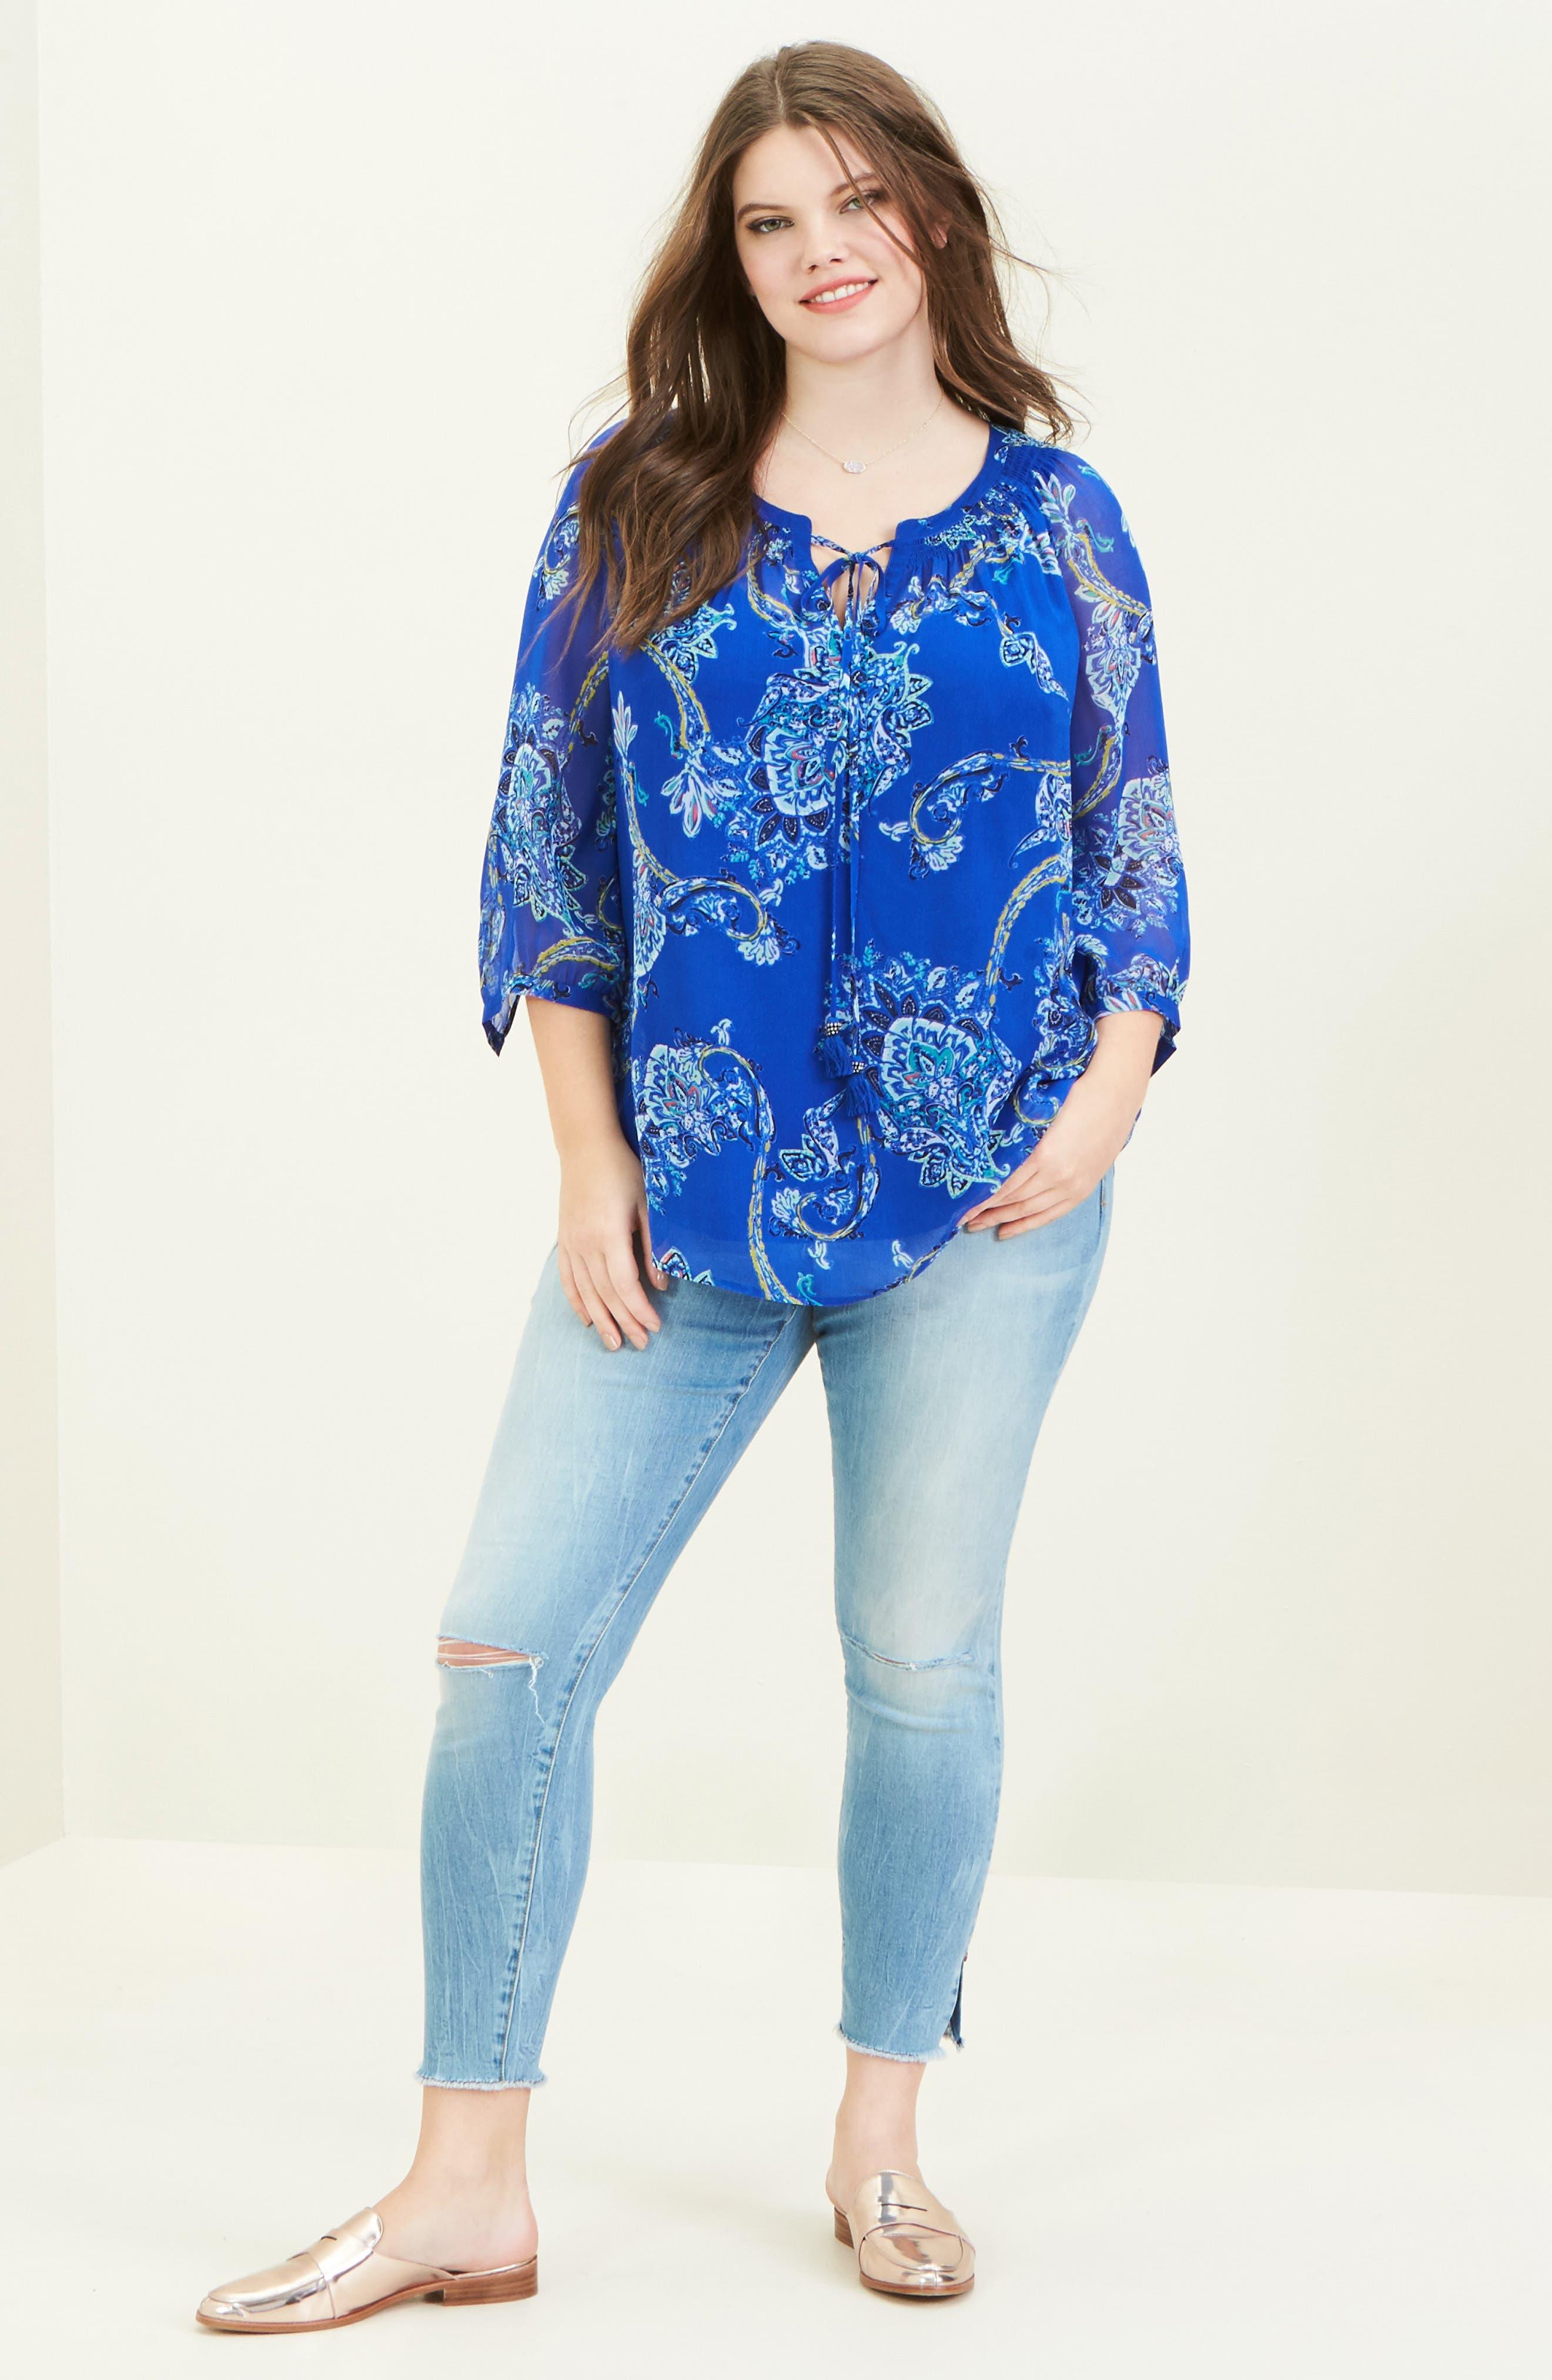 Daniel Rainn Blouse & SLINK Jeans Jeans Outfit with Accessories (Plus Size)